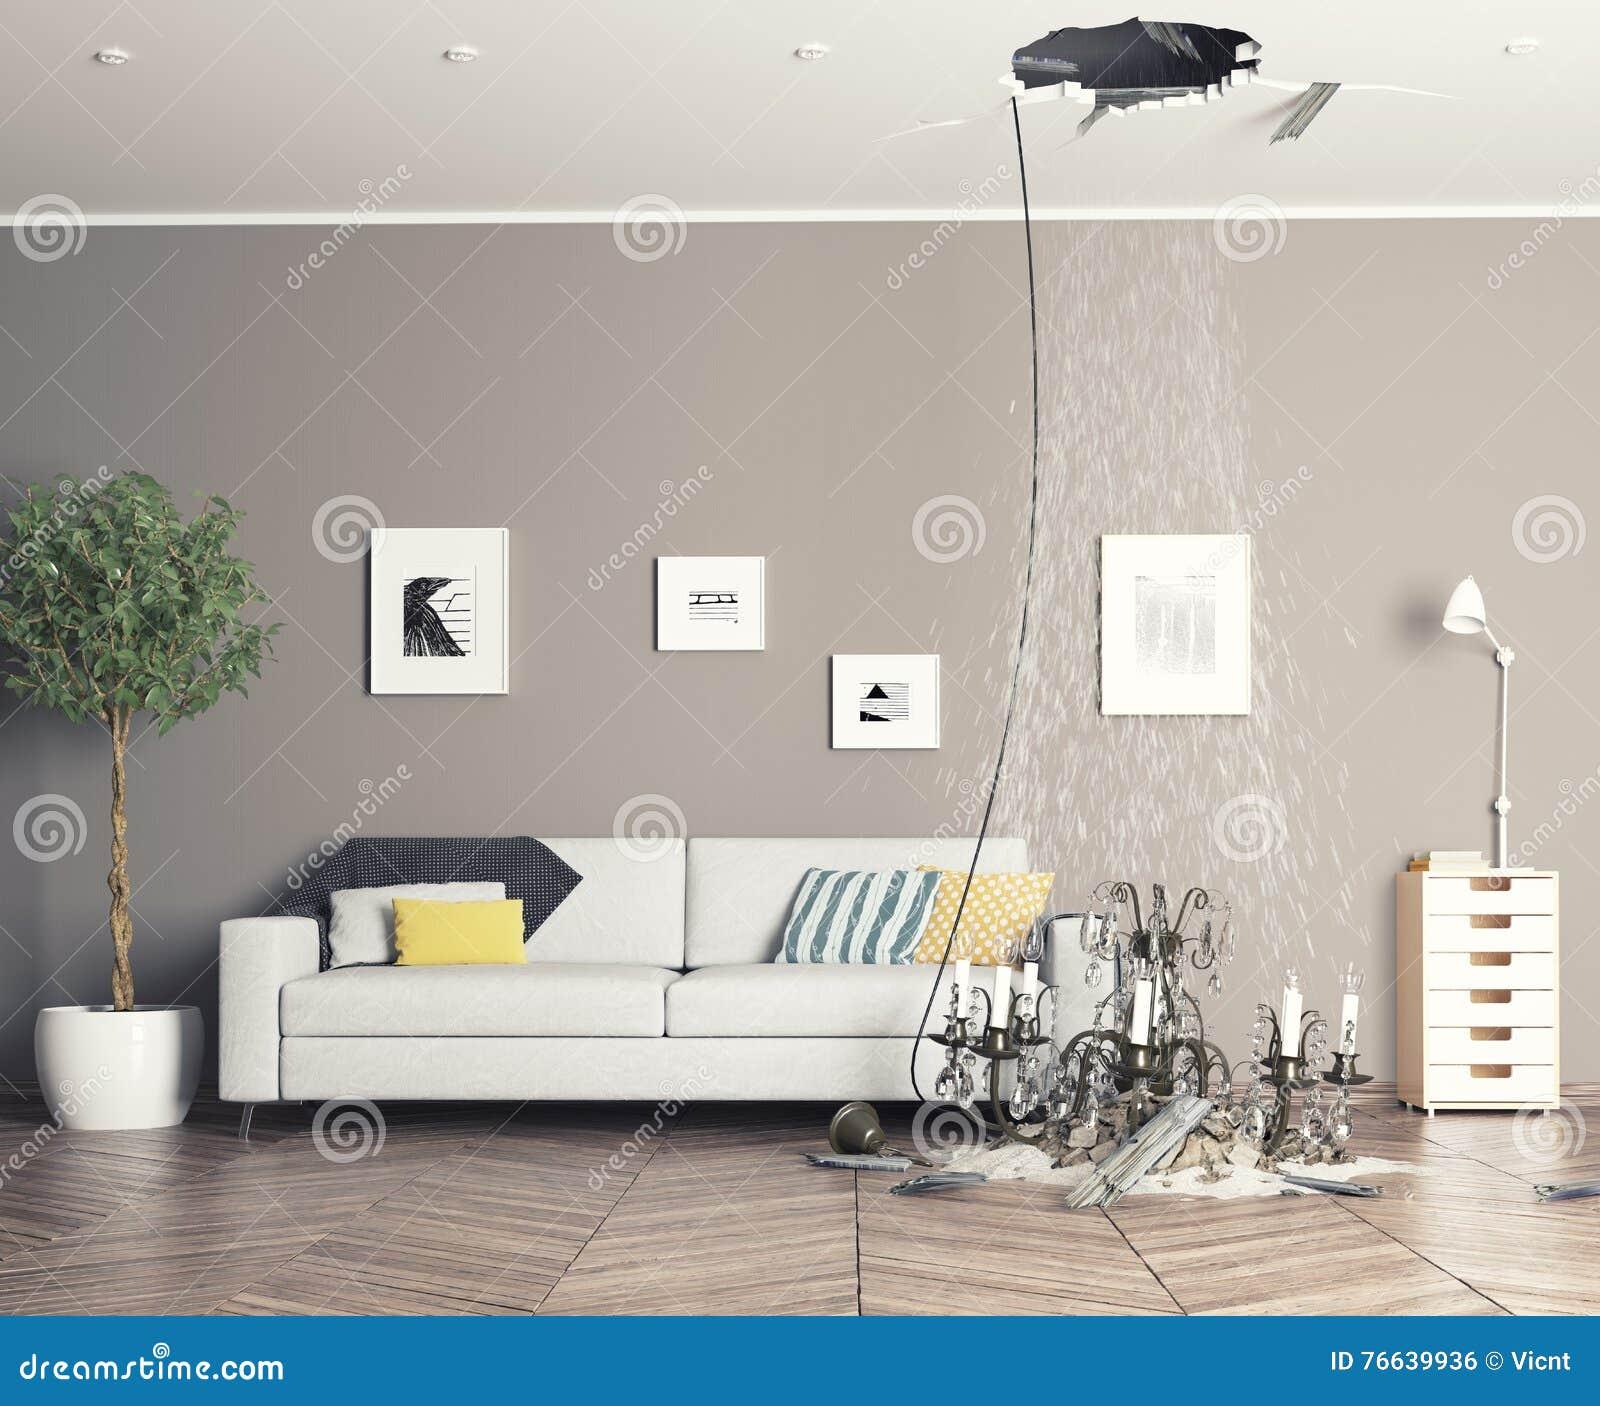 Bezaubernd Wohnzimmer Idee Das Beste Von Pattern Giraffe Im Stock Abbildung. Tration Von